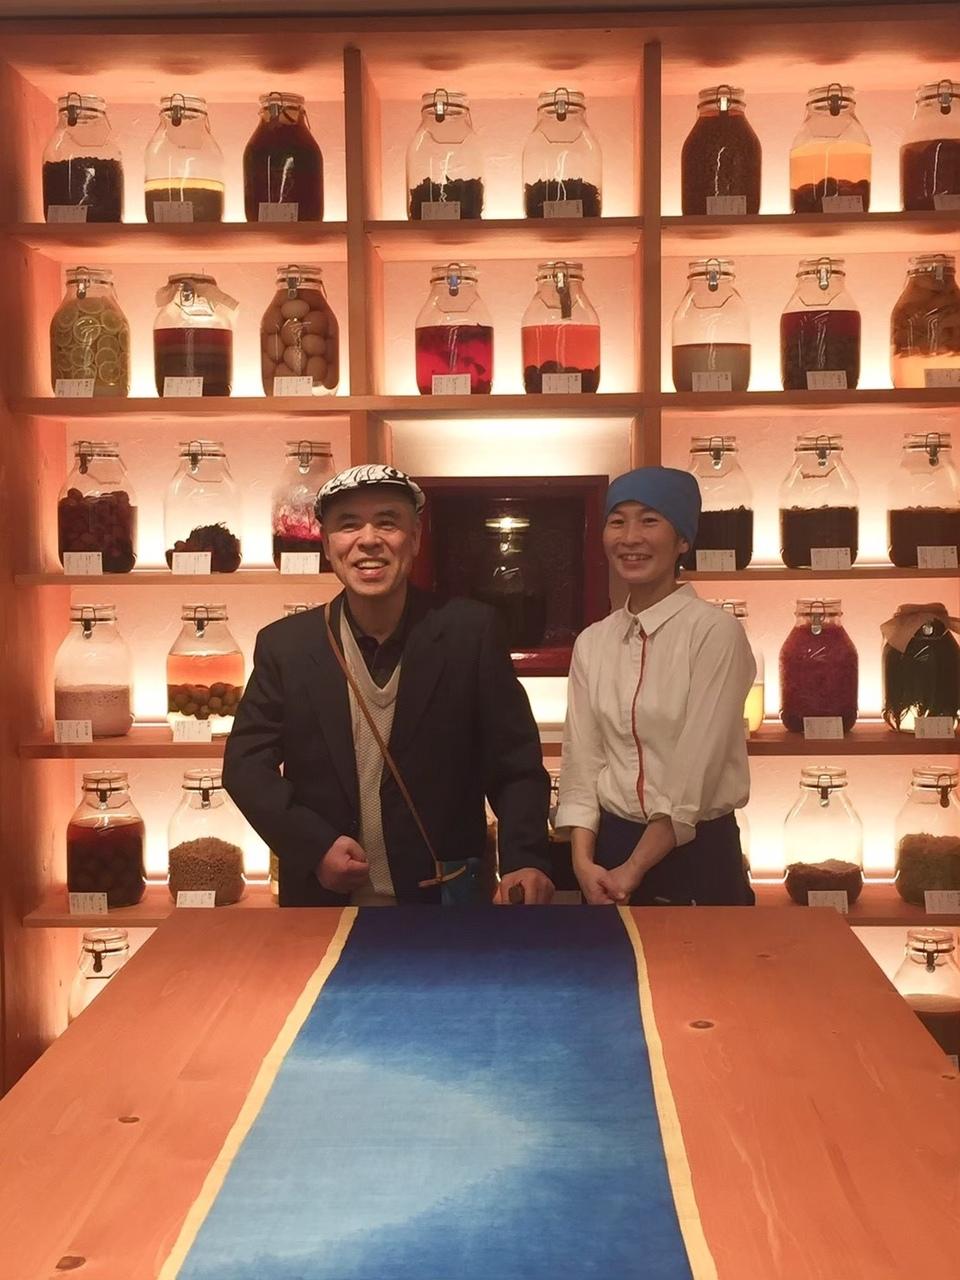 【会場参加】(発酵トークセッション)縄文由来の発酵素材 『漆』を繋ぐ、『漆』の進化 福井錦壽の山岸親子を迎えて